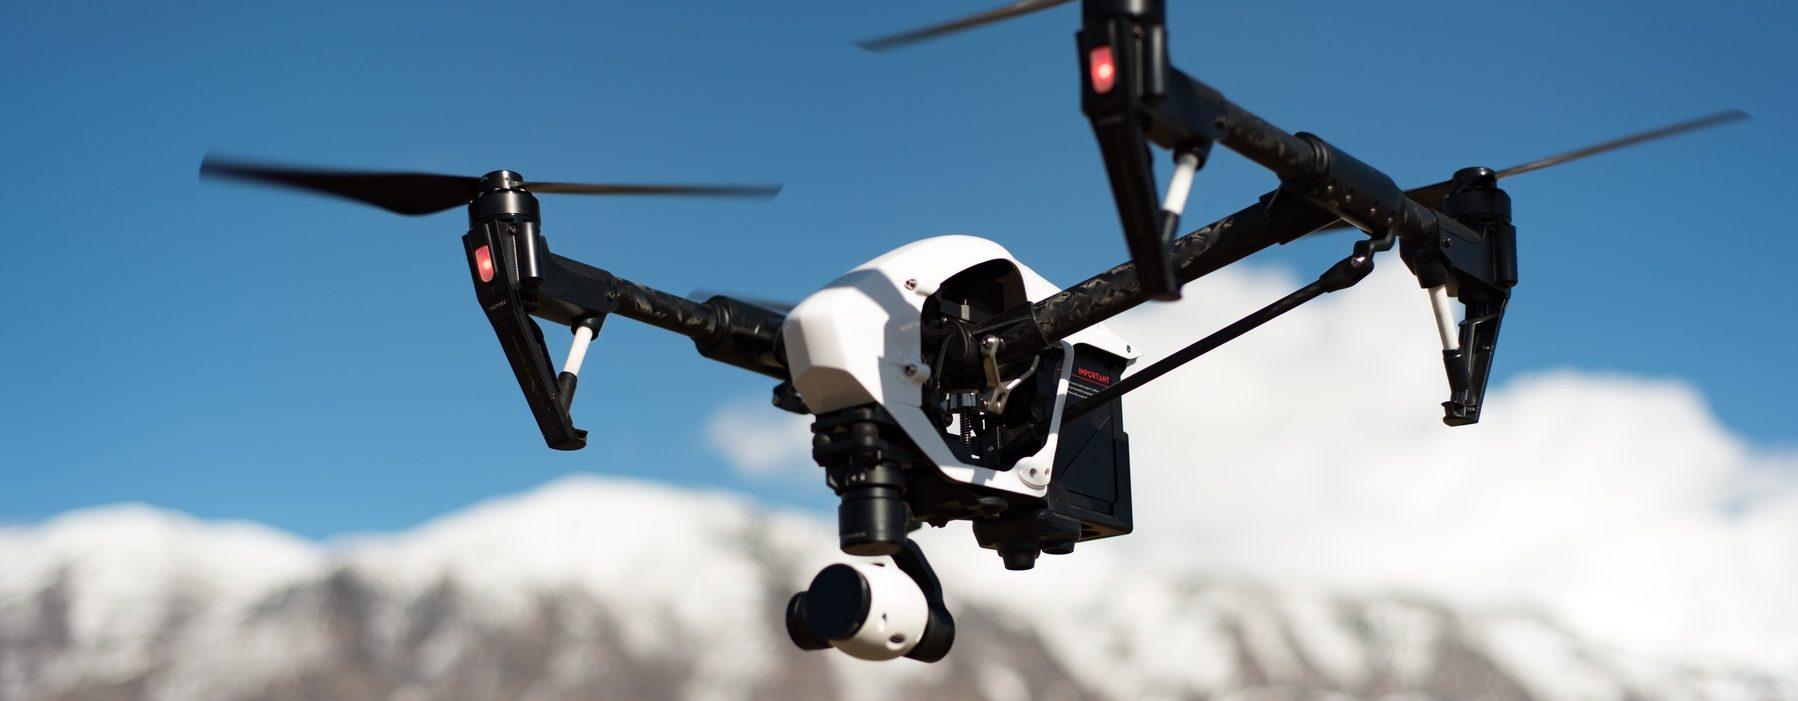 Los drones llegan al mundo de la medicina